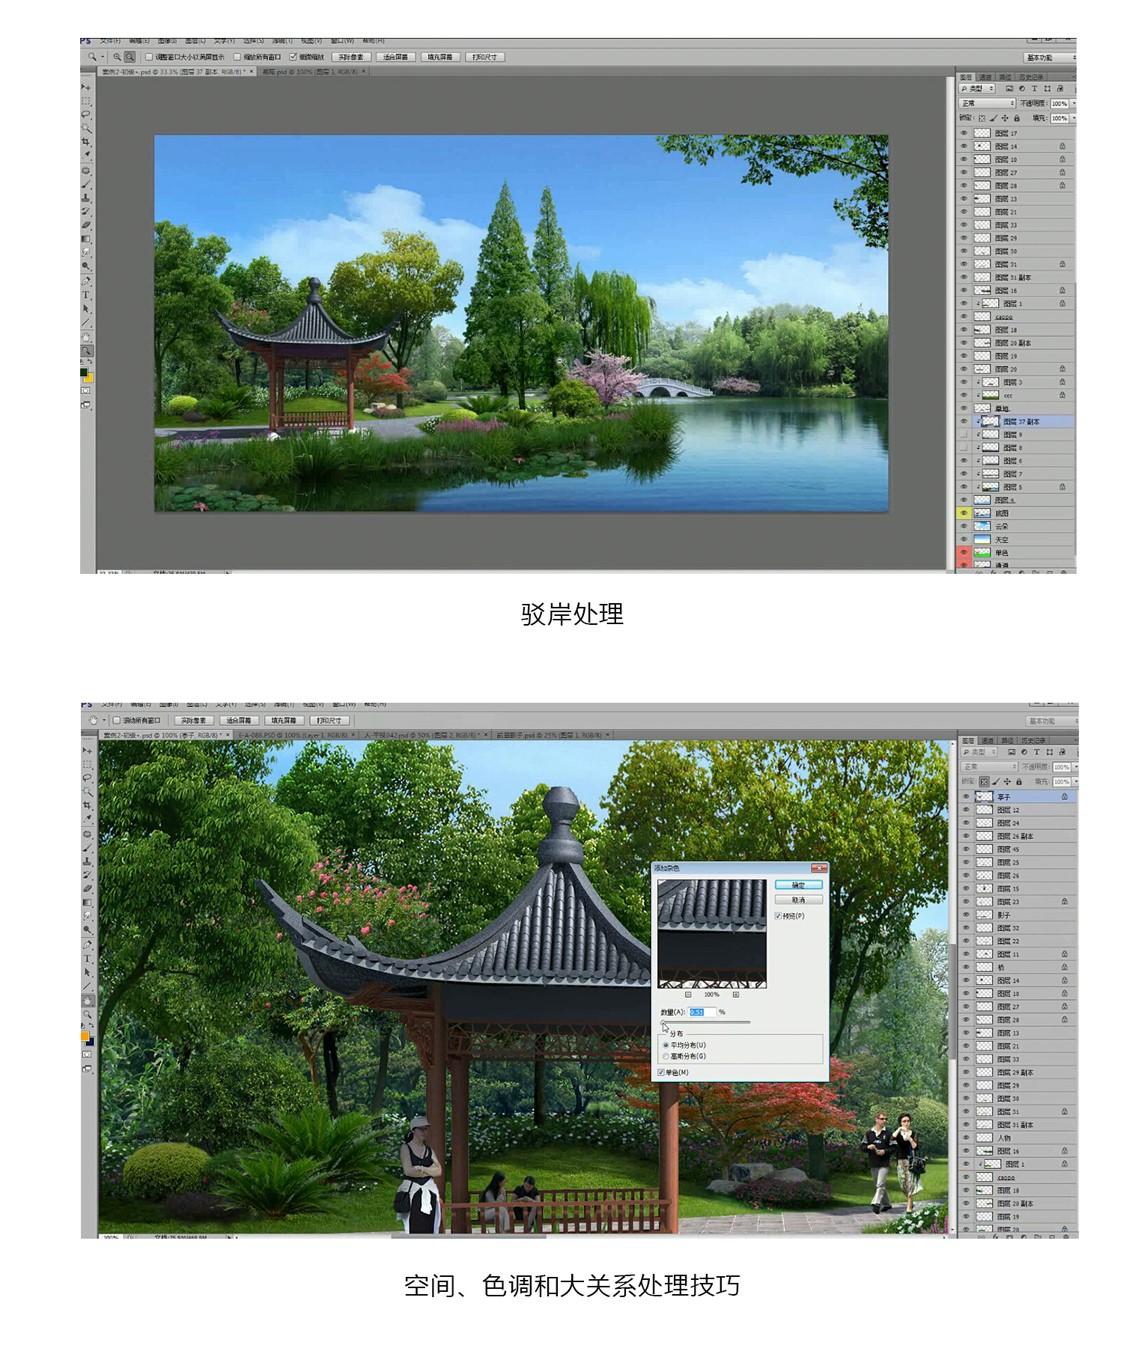 ps景观效果图多风格表现实例,Photoshop景观效果图,景观效果图表现,ps景观效果图